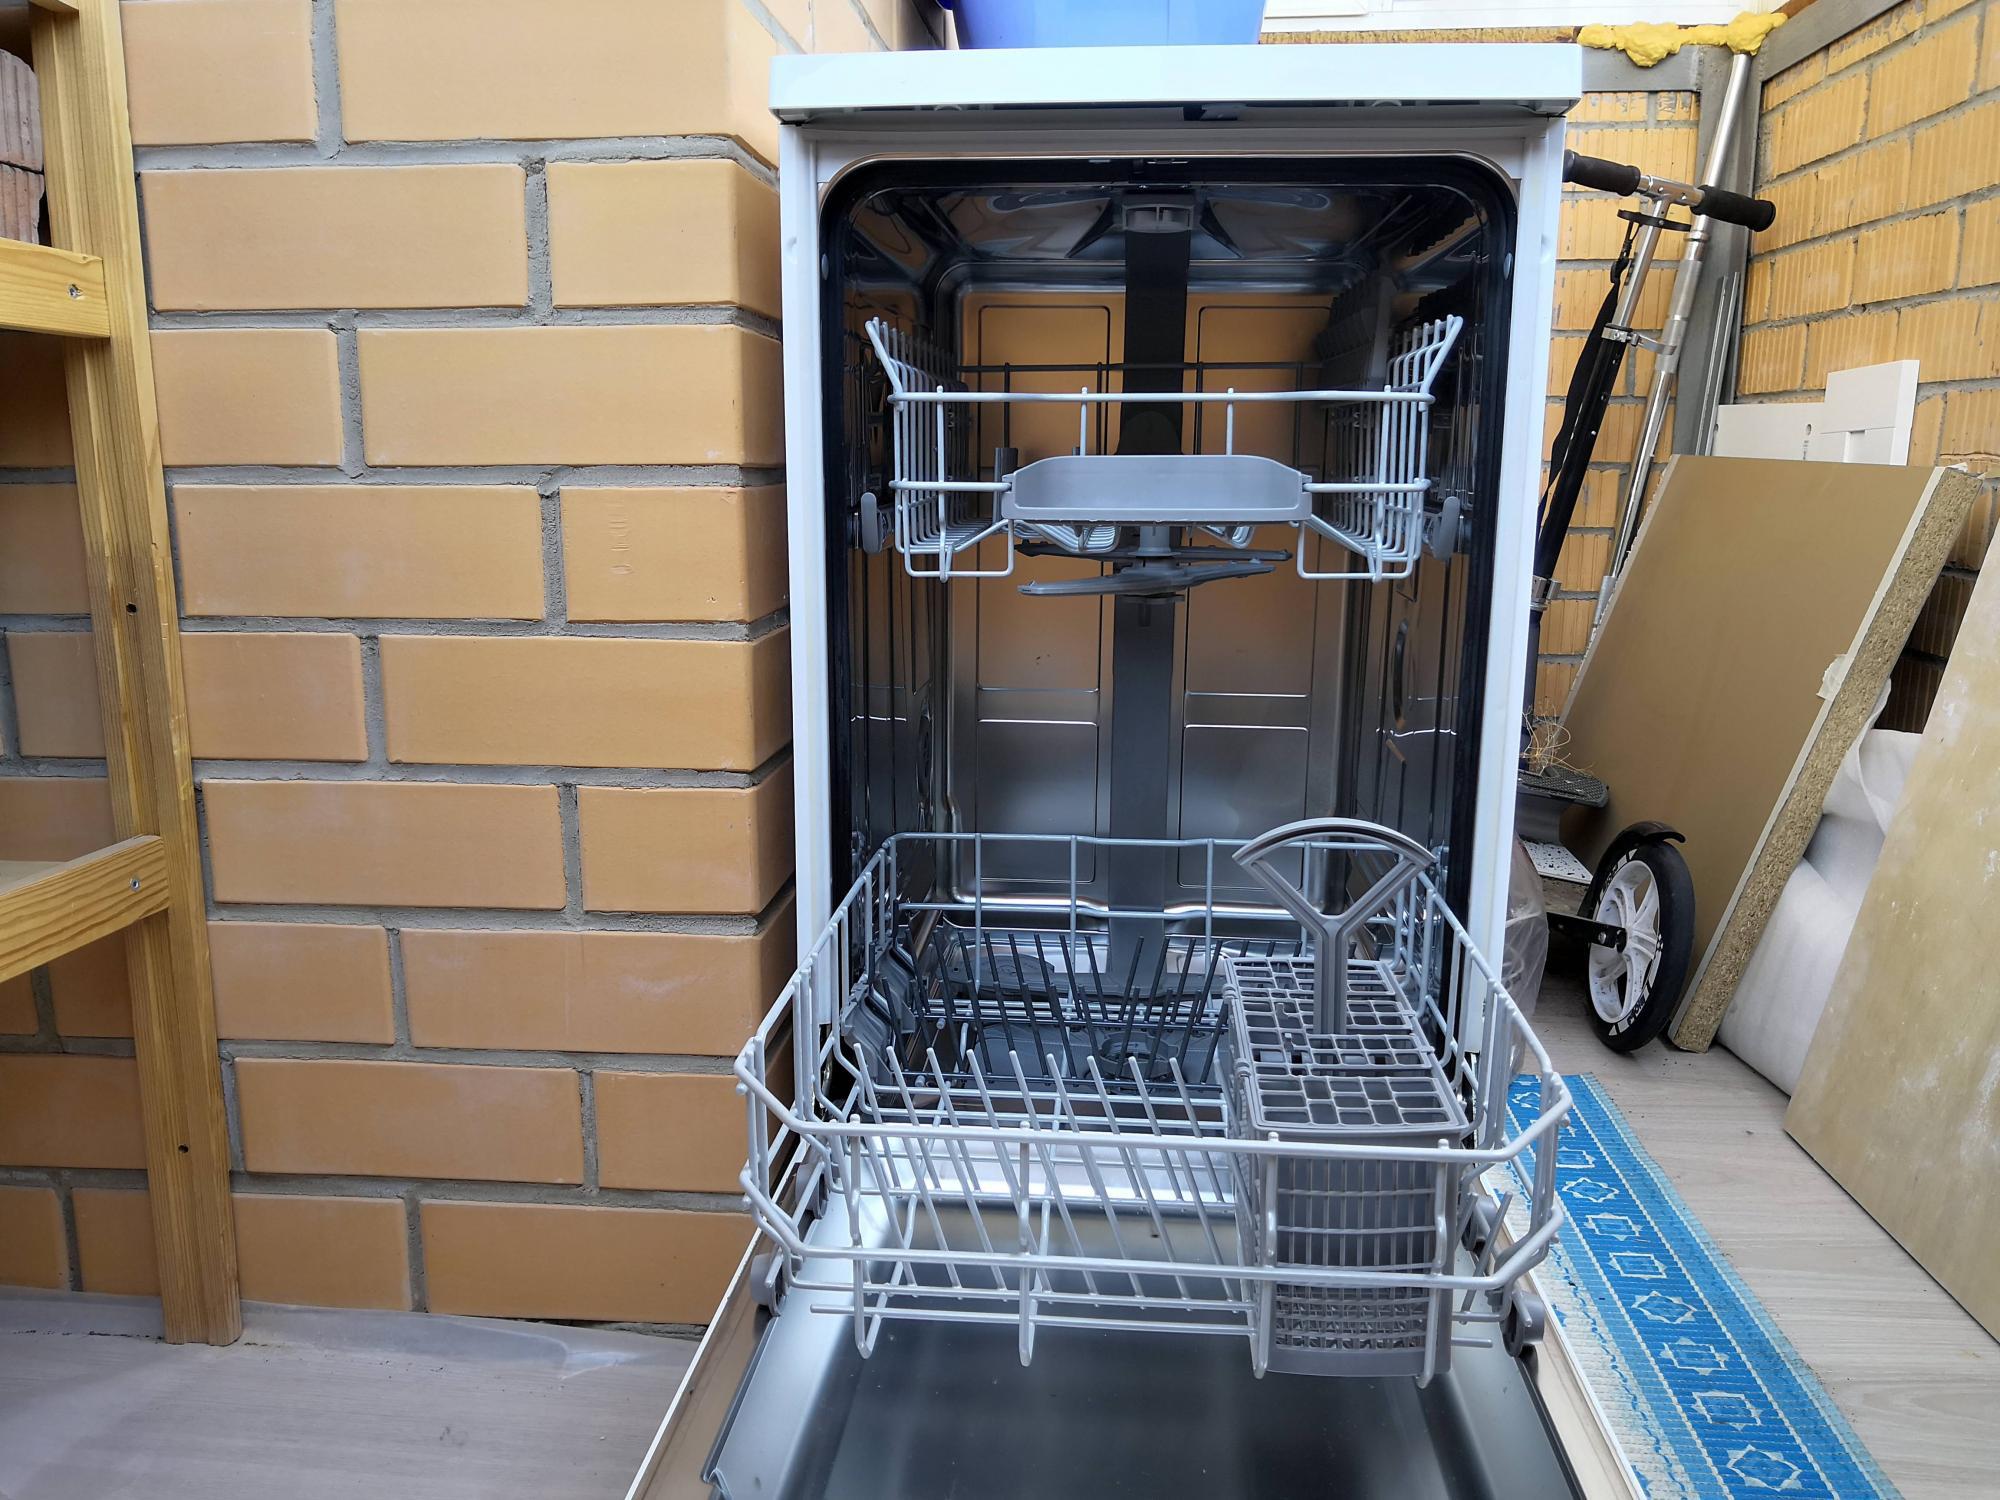 Посудомоечная машина Bosh б/у с аквастопом в Долгопрудном 89055425300 купить 2